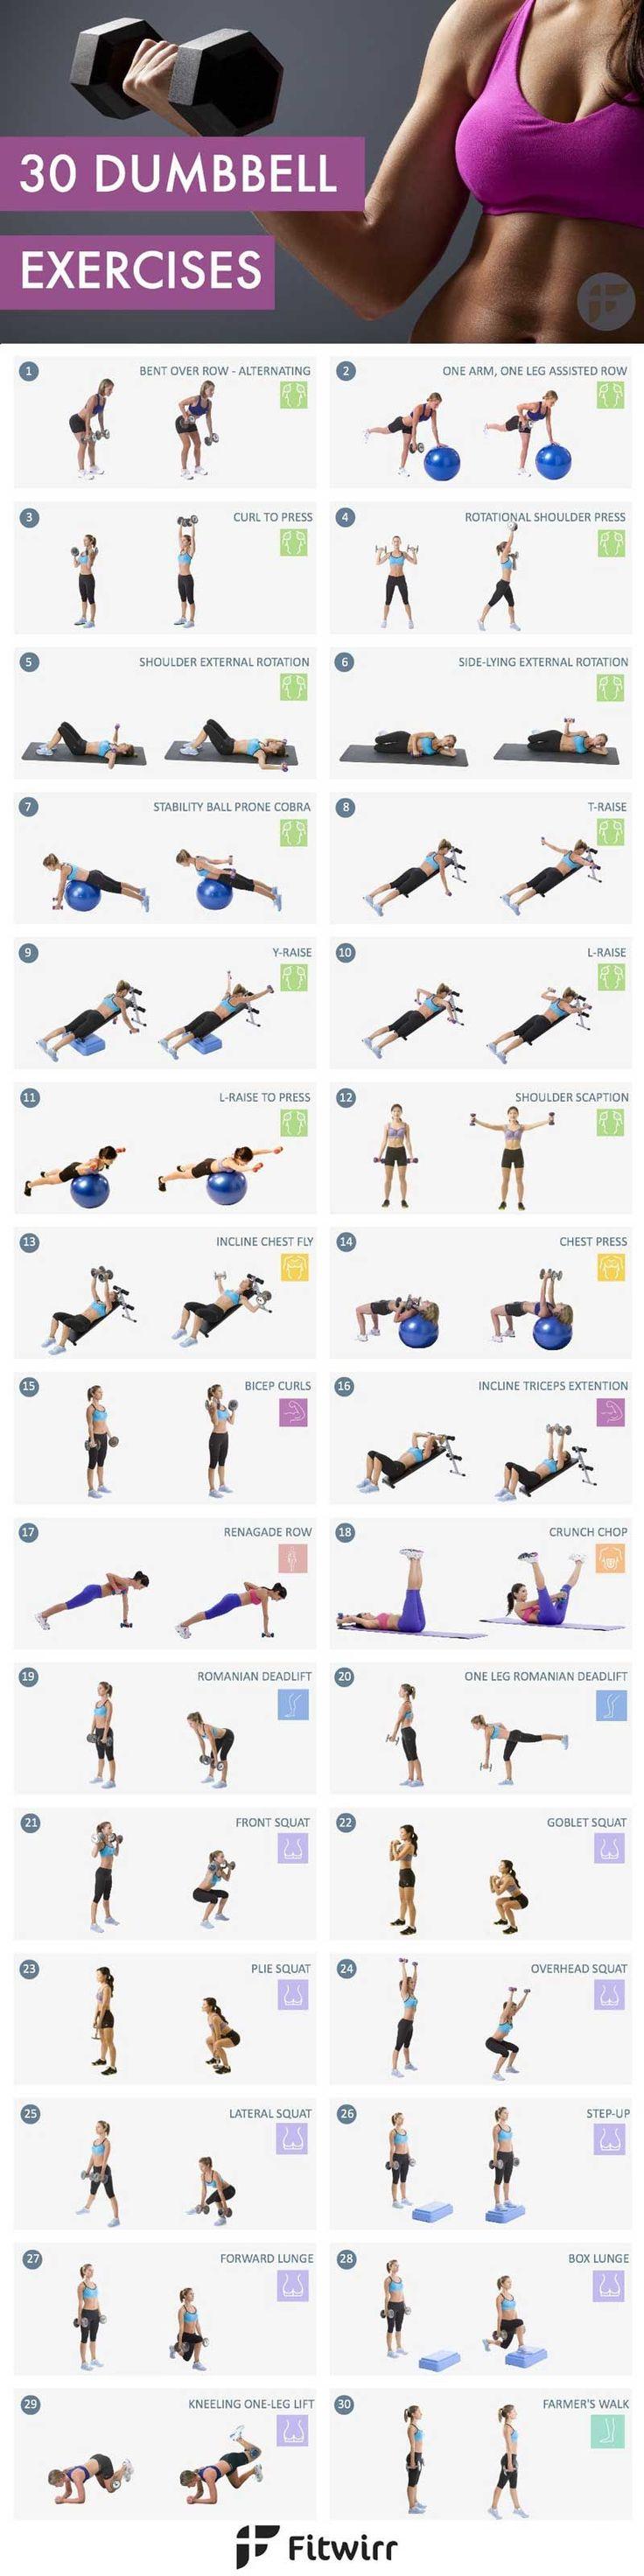 Gute Übersicht von Übung mit Hanteln und sogar mit Hanteln + Gymnastikball